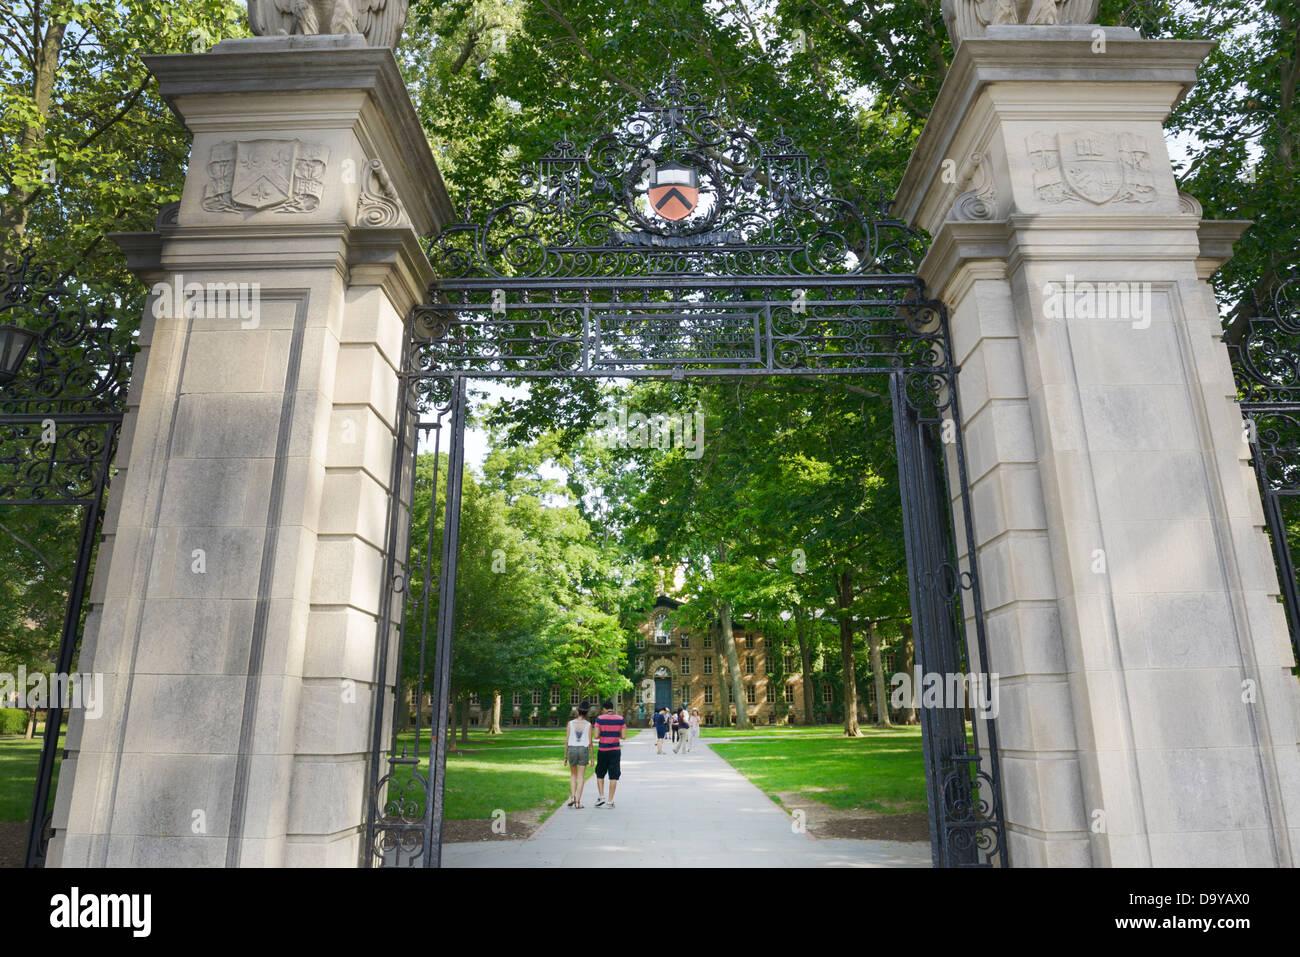 La Universidad de Princeton, puerta delantera Imagen De Stock